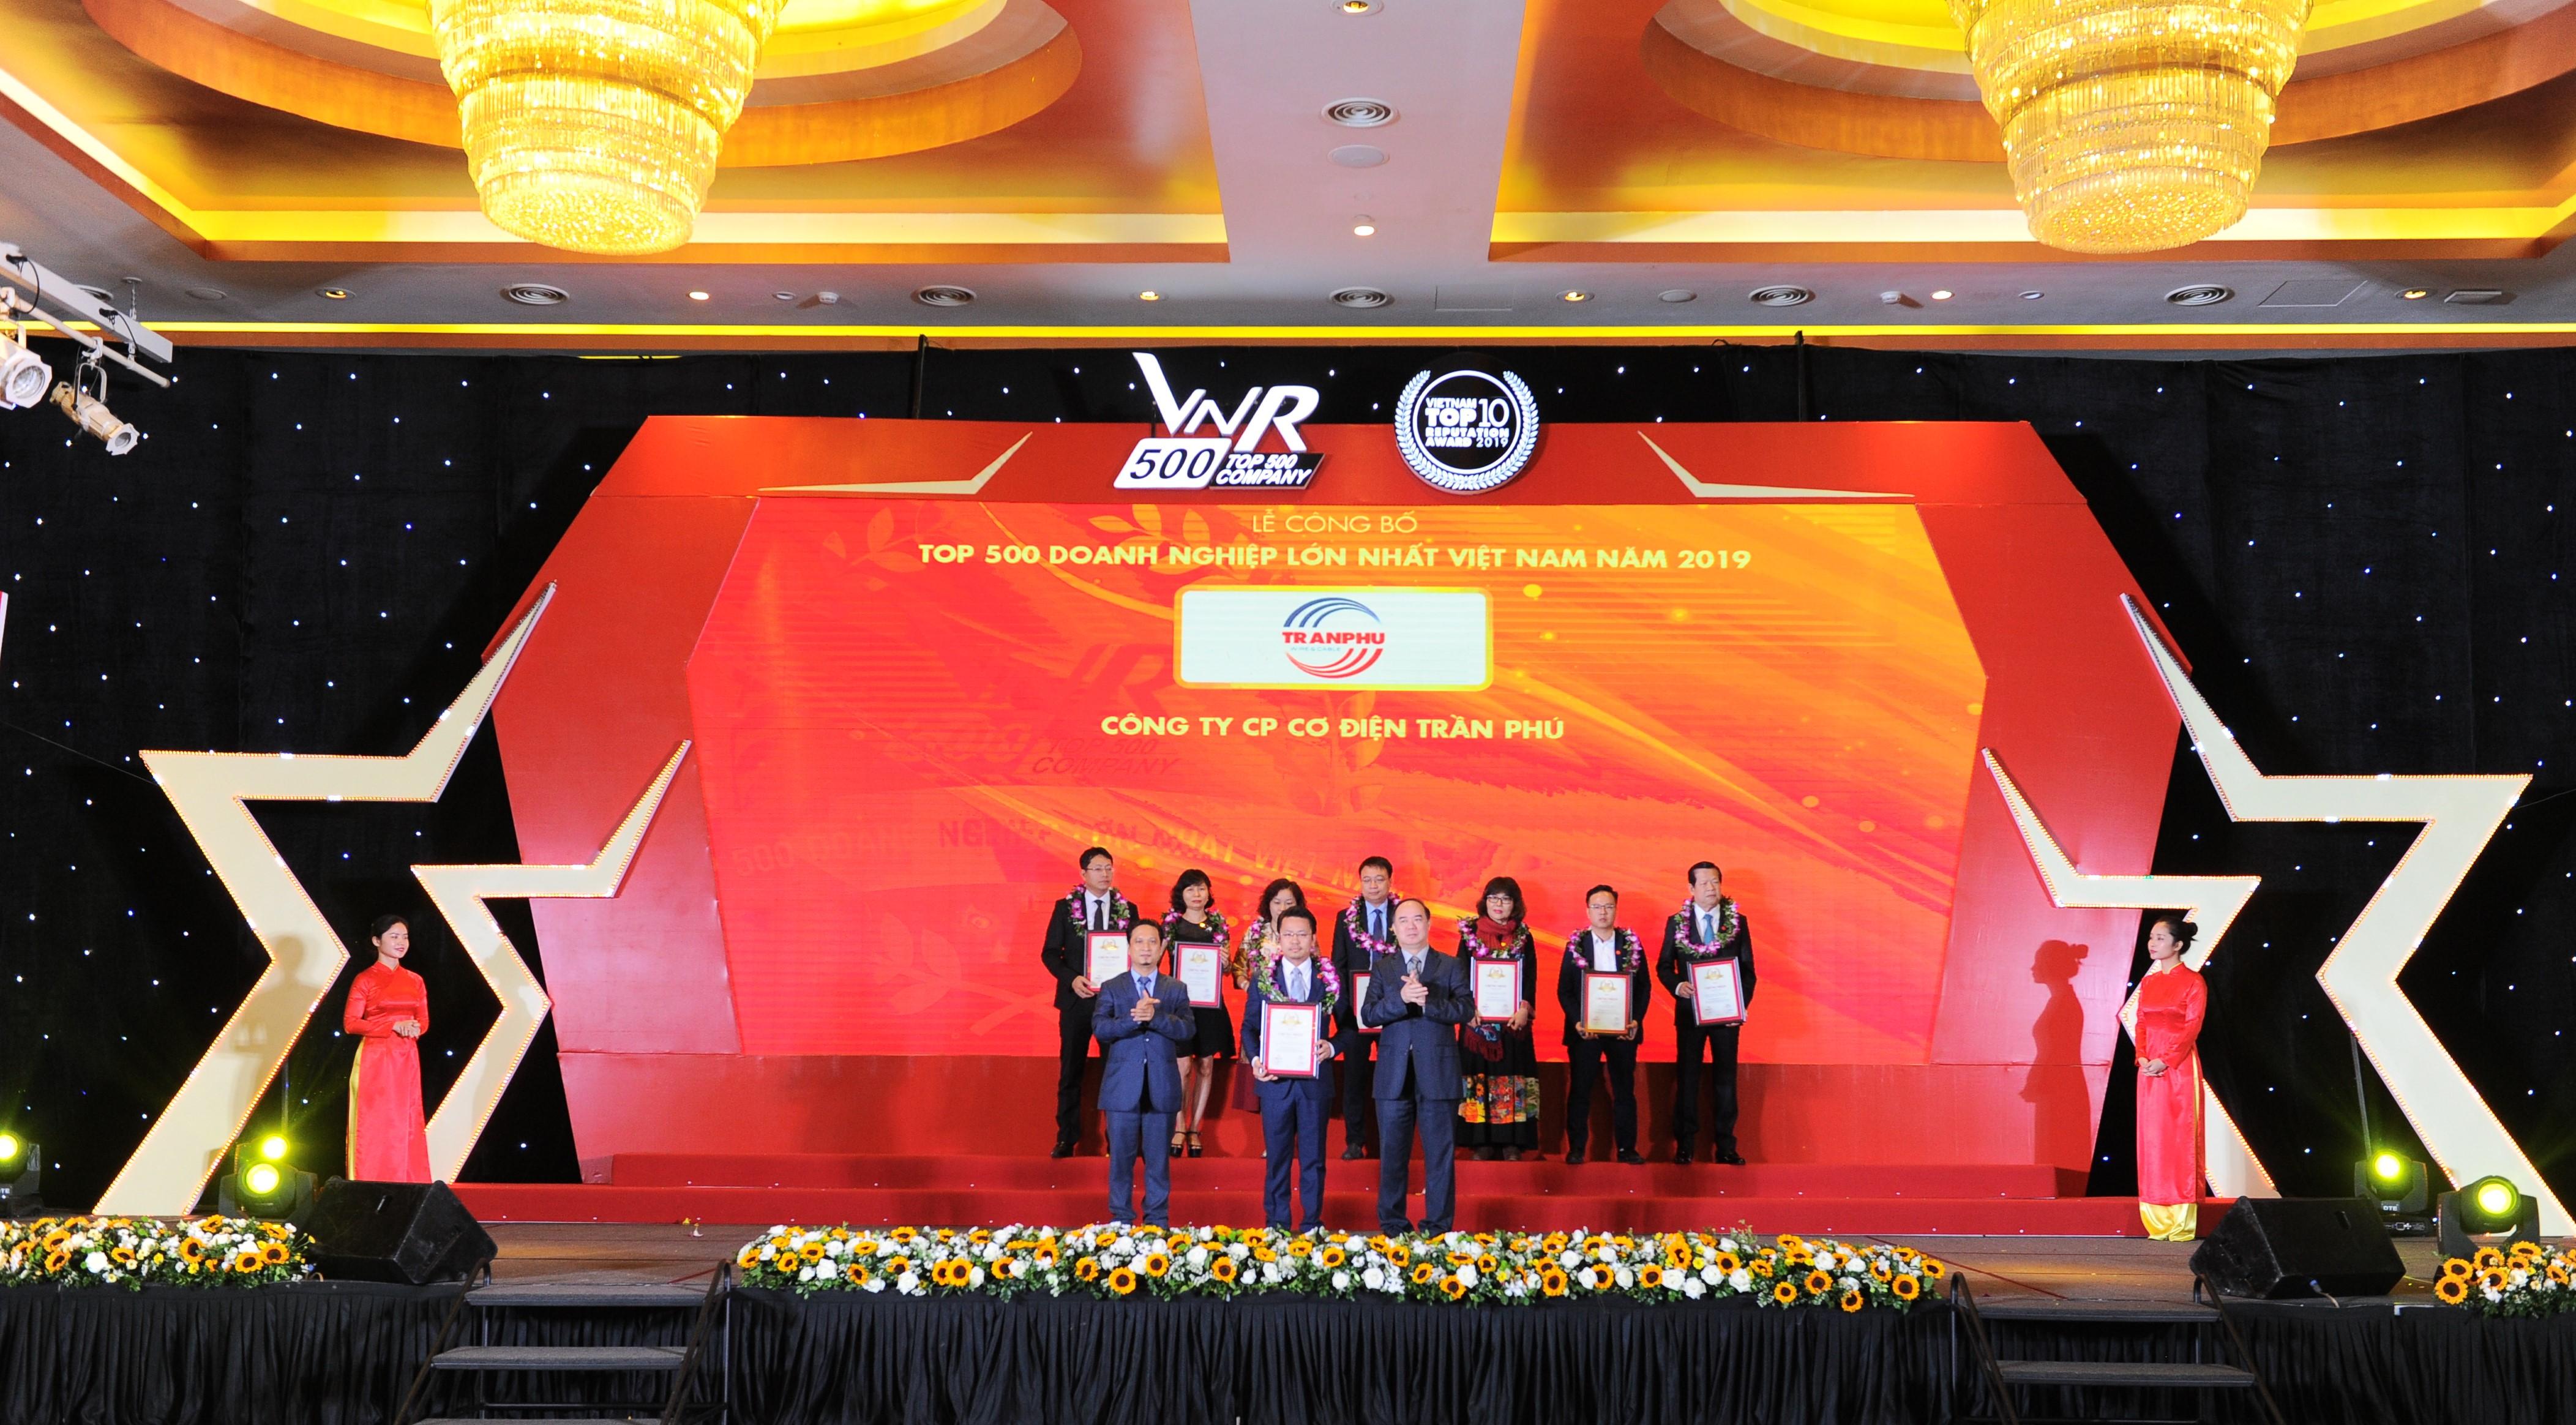 Cơ điện Trần Phú tăng 37 bậc trong BXH 500 doanh nghiệp lớn nhất Việt Nam 2019